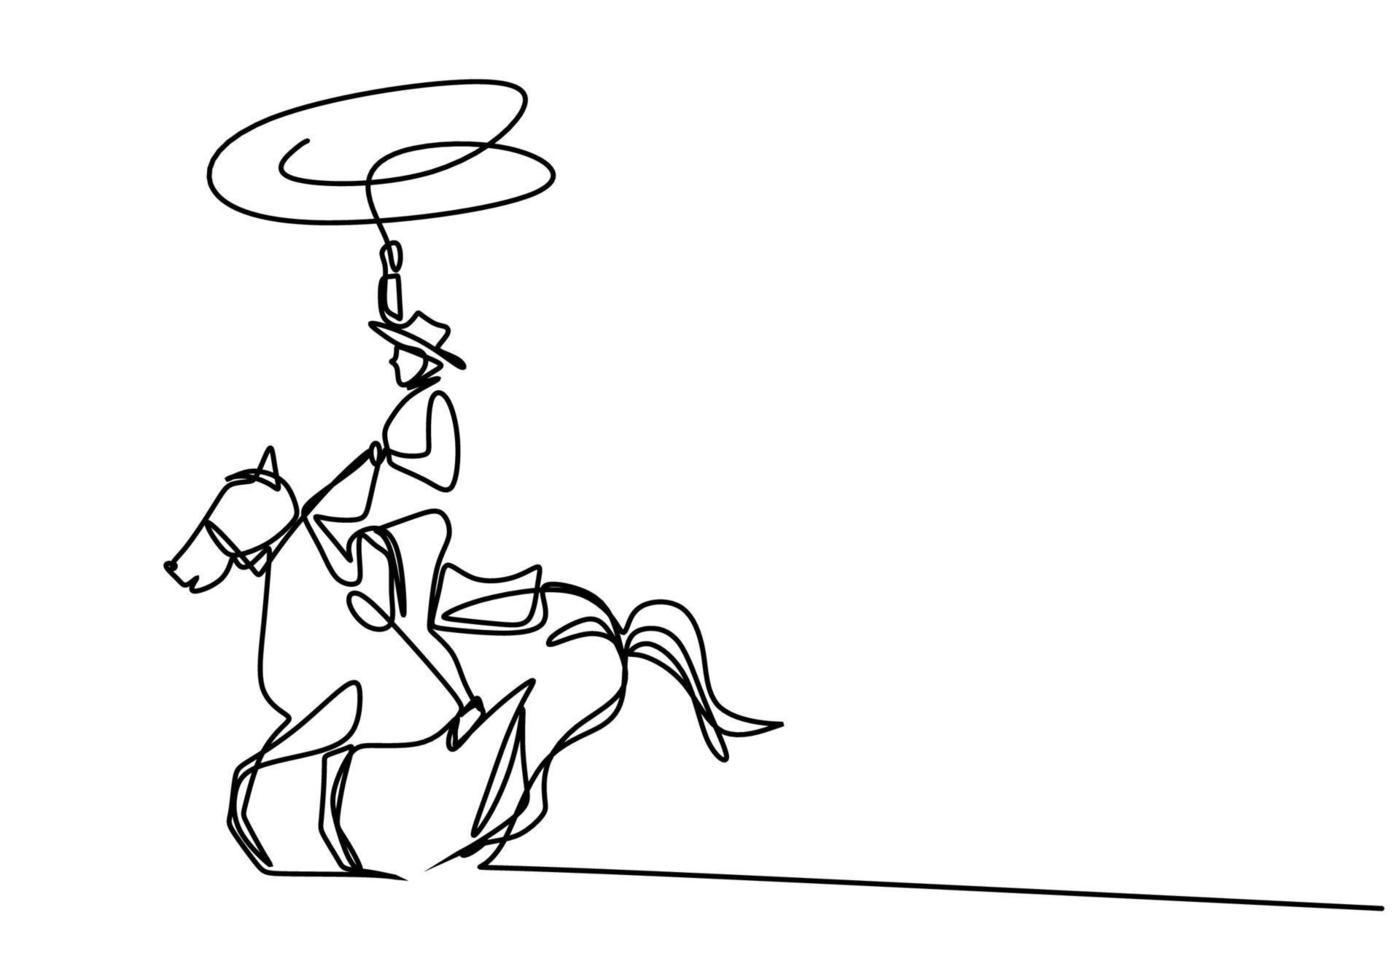 ein durchgehender junger Mann der Zeichenlinie mit einem Cowboyhut, der ein Pferd reitet. ältere Männer stellen Eleganz auf dem minimalistischen Konzept des Pferdes dar, das auf weißem Hintergrund lokalisiert wird. modernes Handzeichnungsdesign vektor